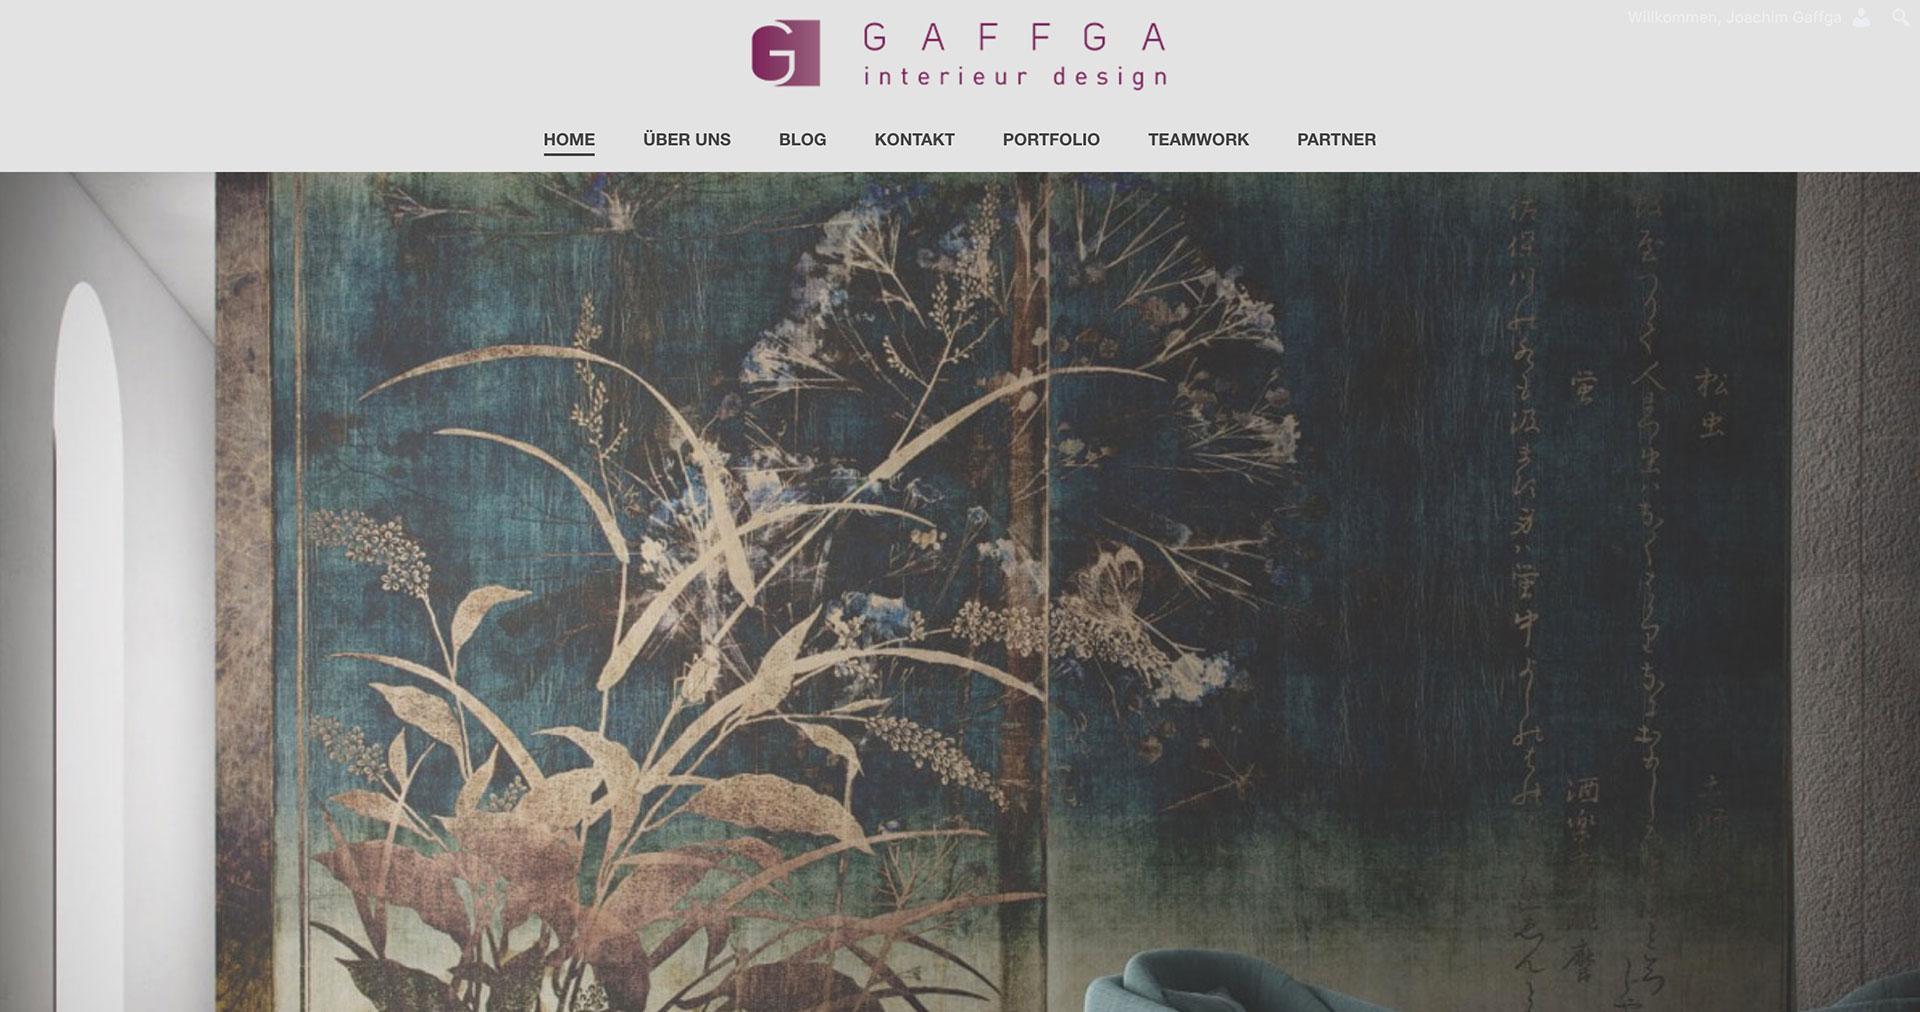 Gaffga Interieur Design | Ulrike Gaffga